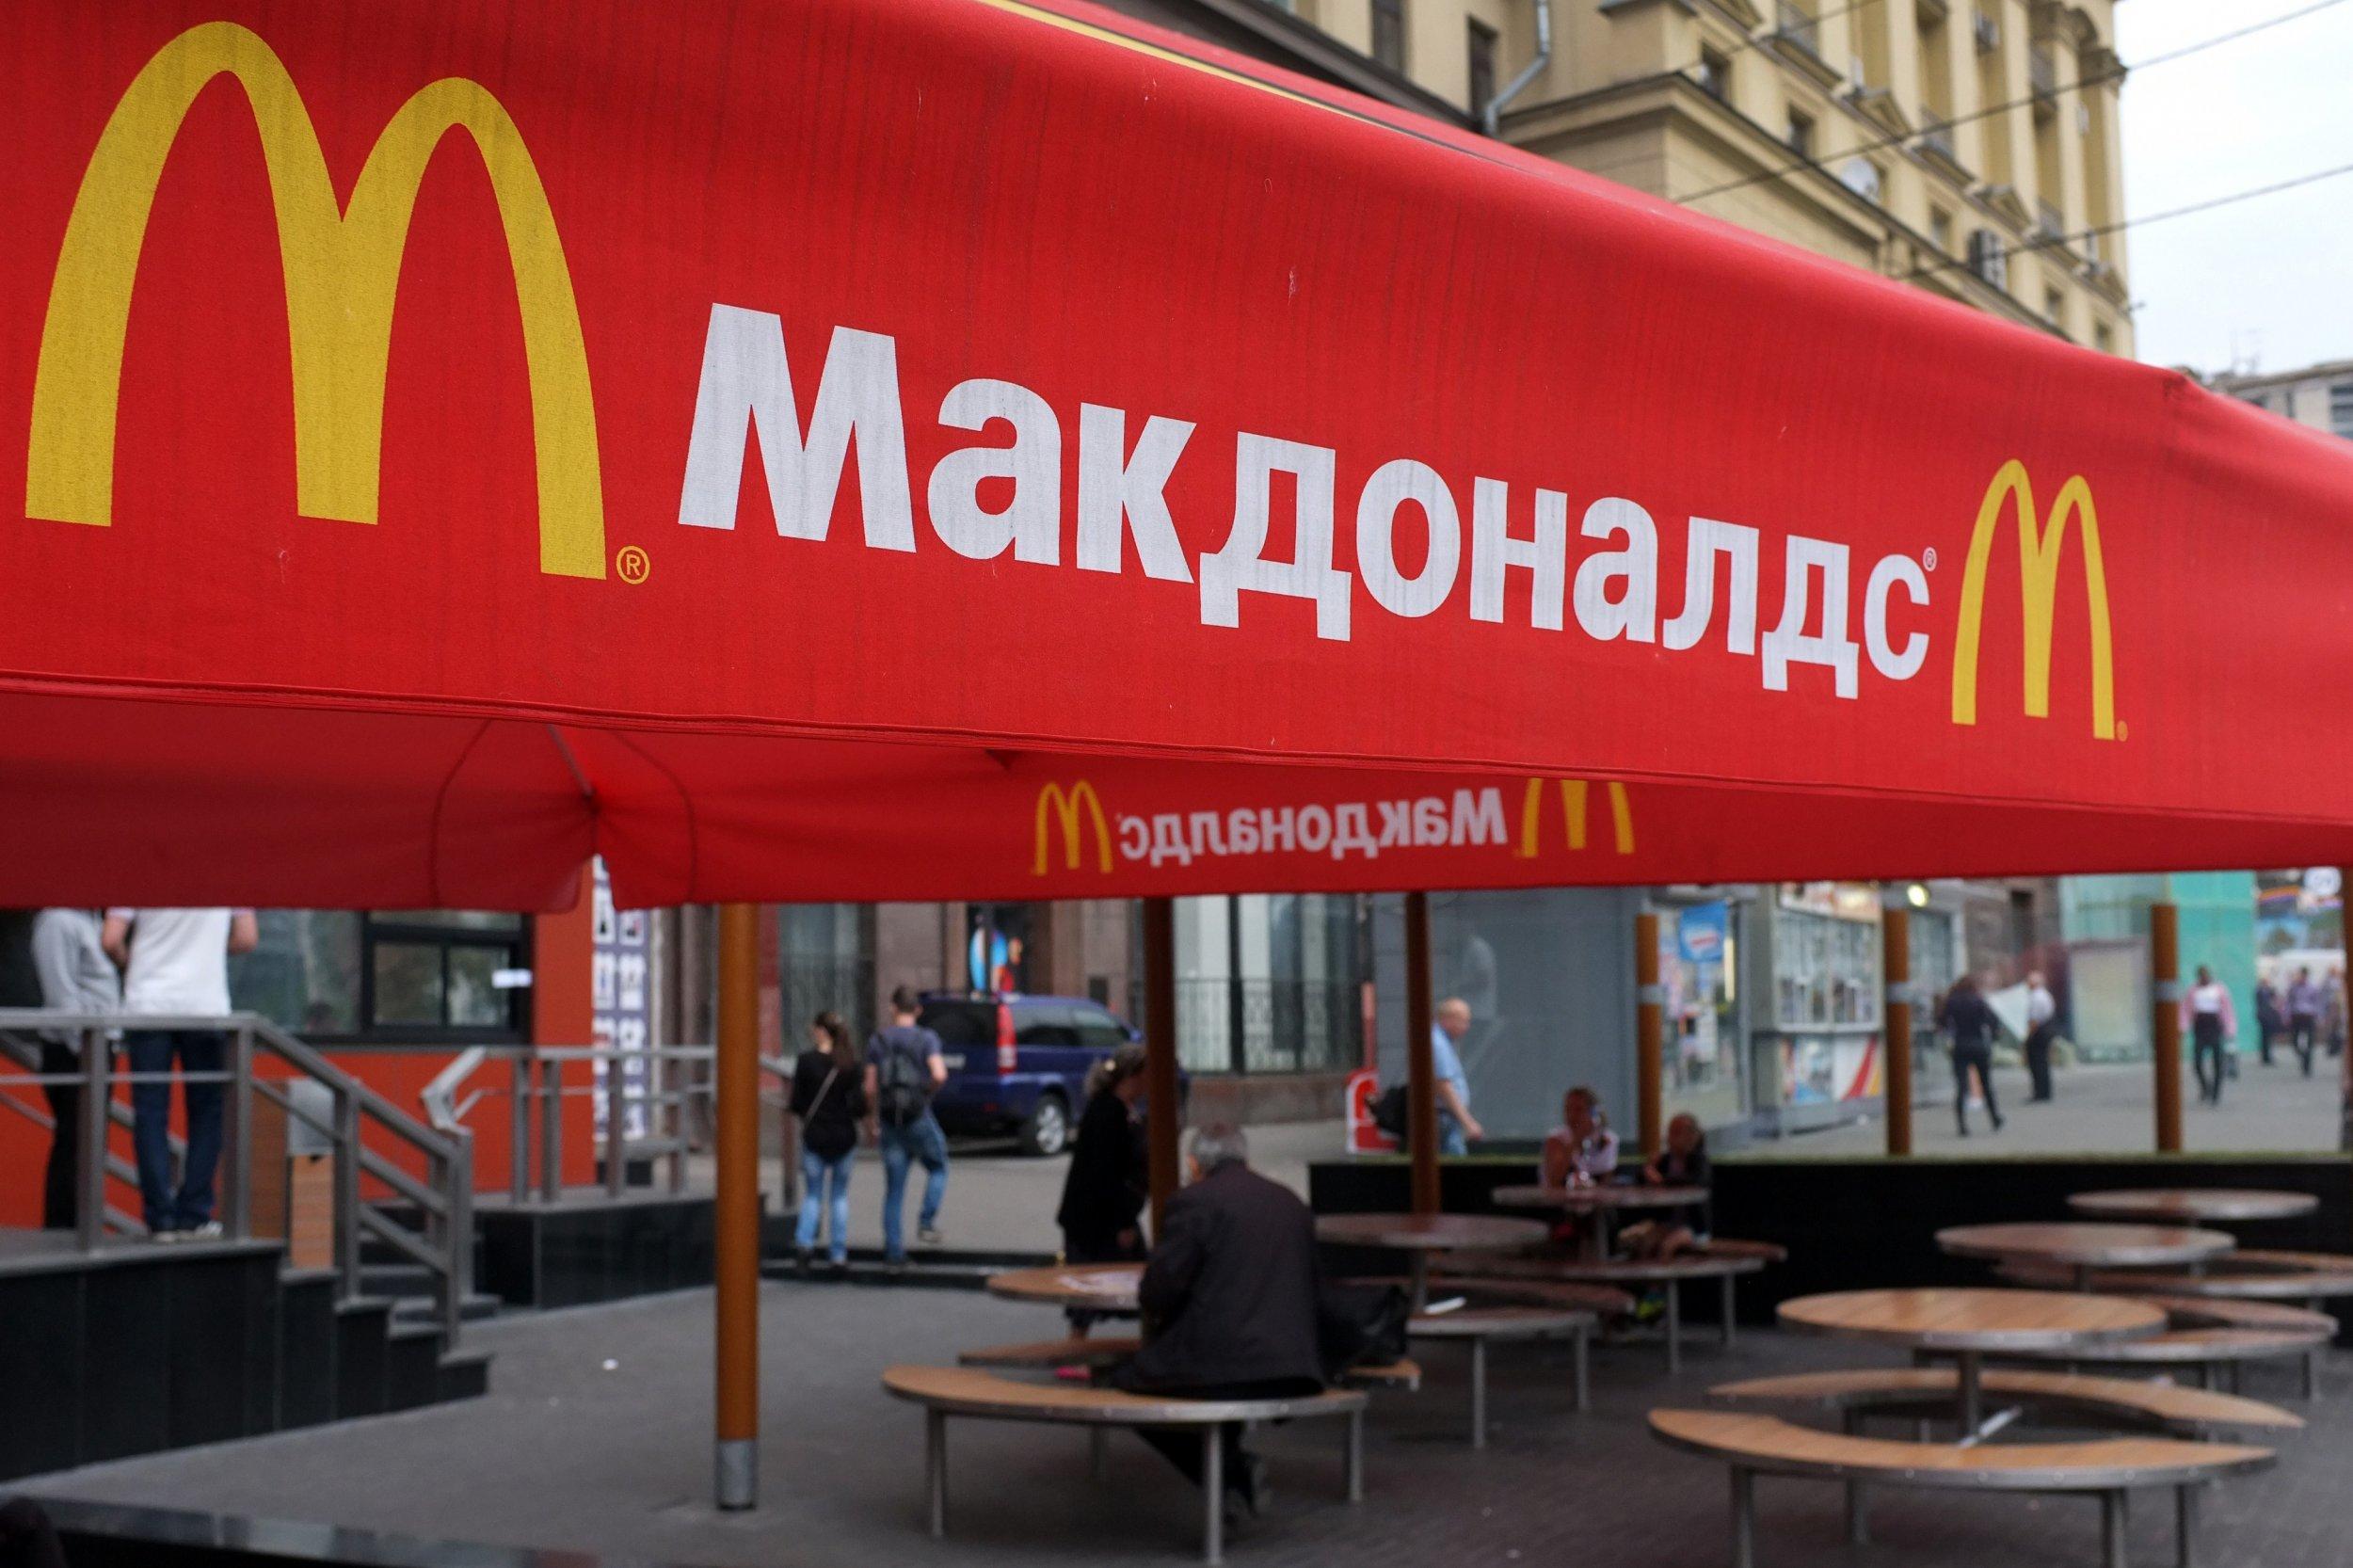 04_46_McDonald's